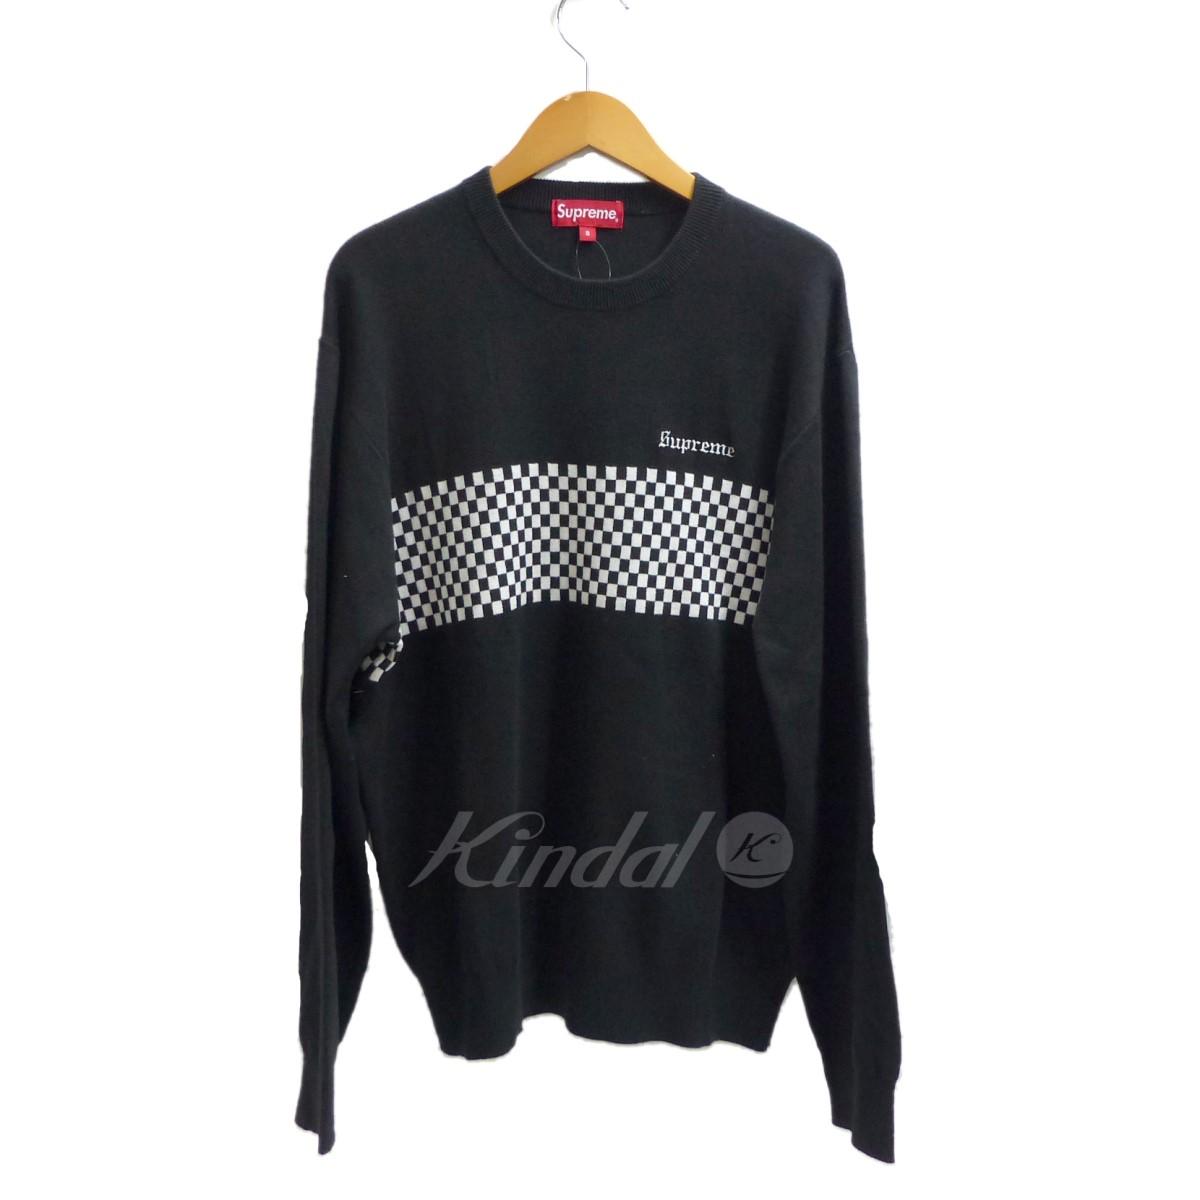 【中古】SUPREME 2018SS Checkered Panel Crewneck Sweater 【送料無料】 【137358】 【KIND1499】